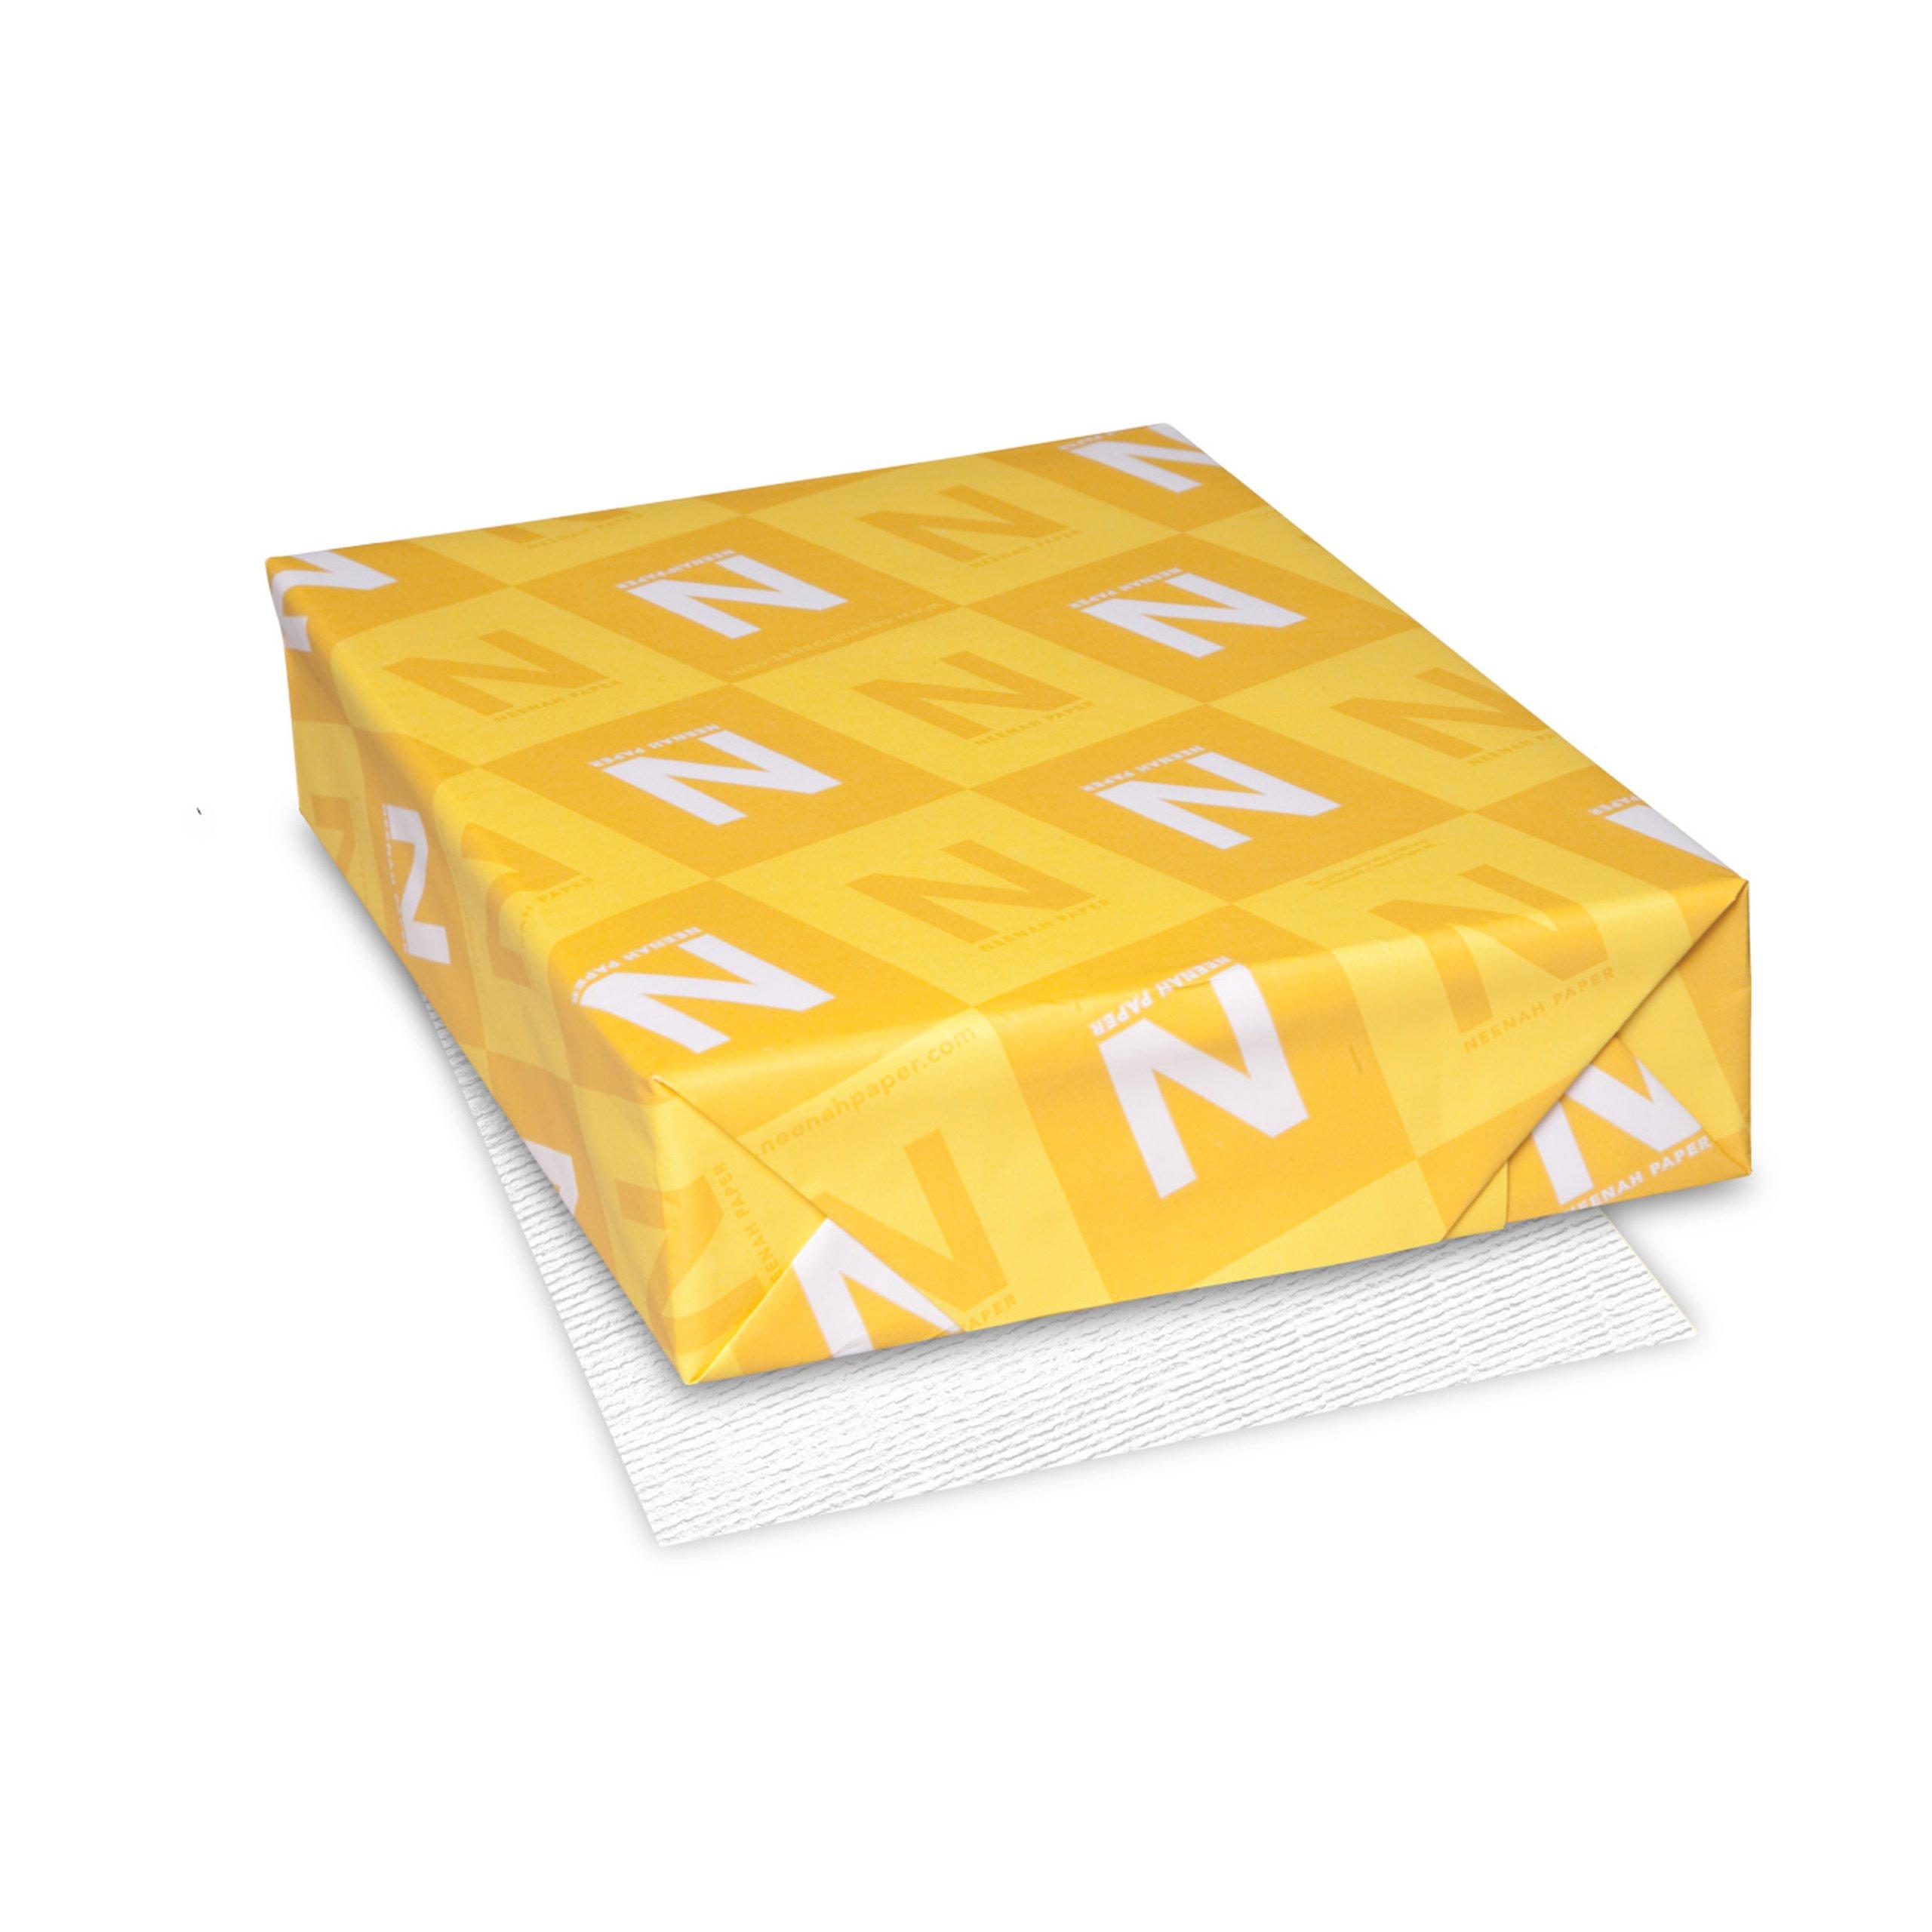 Classic Laid Premium Paper, 8.5'' x 11'', 24 lb, Avon Brilliant White, 97 Brightness, 500 Sheets (06511)